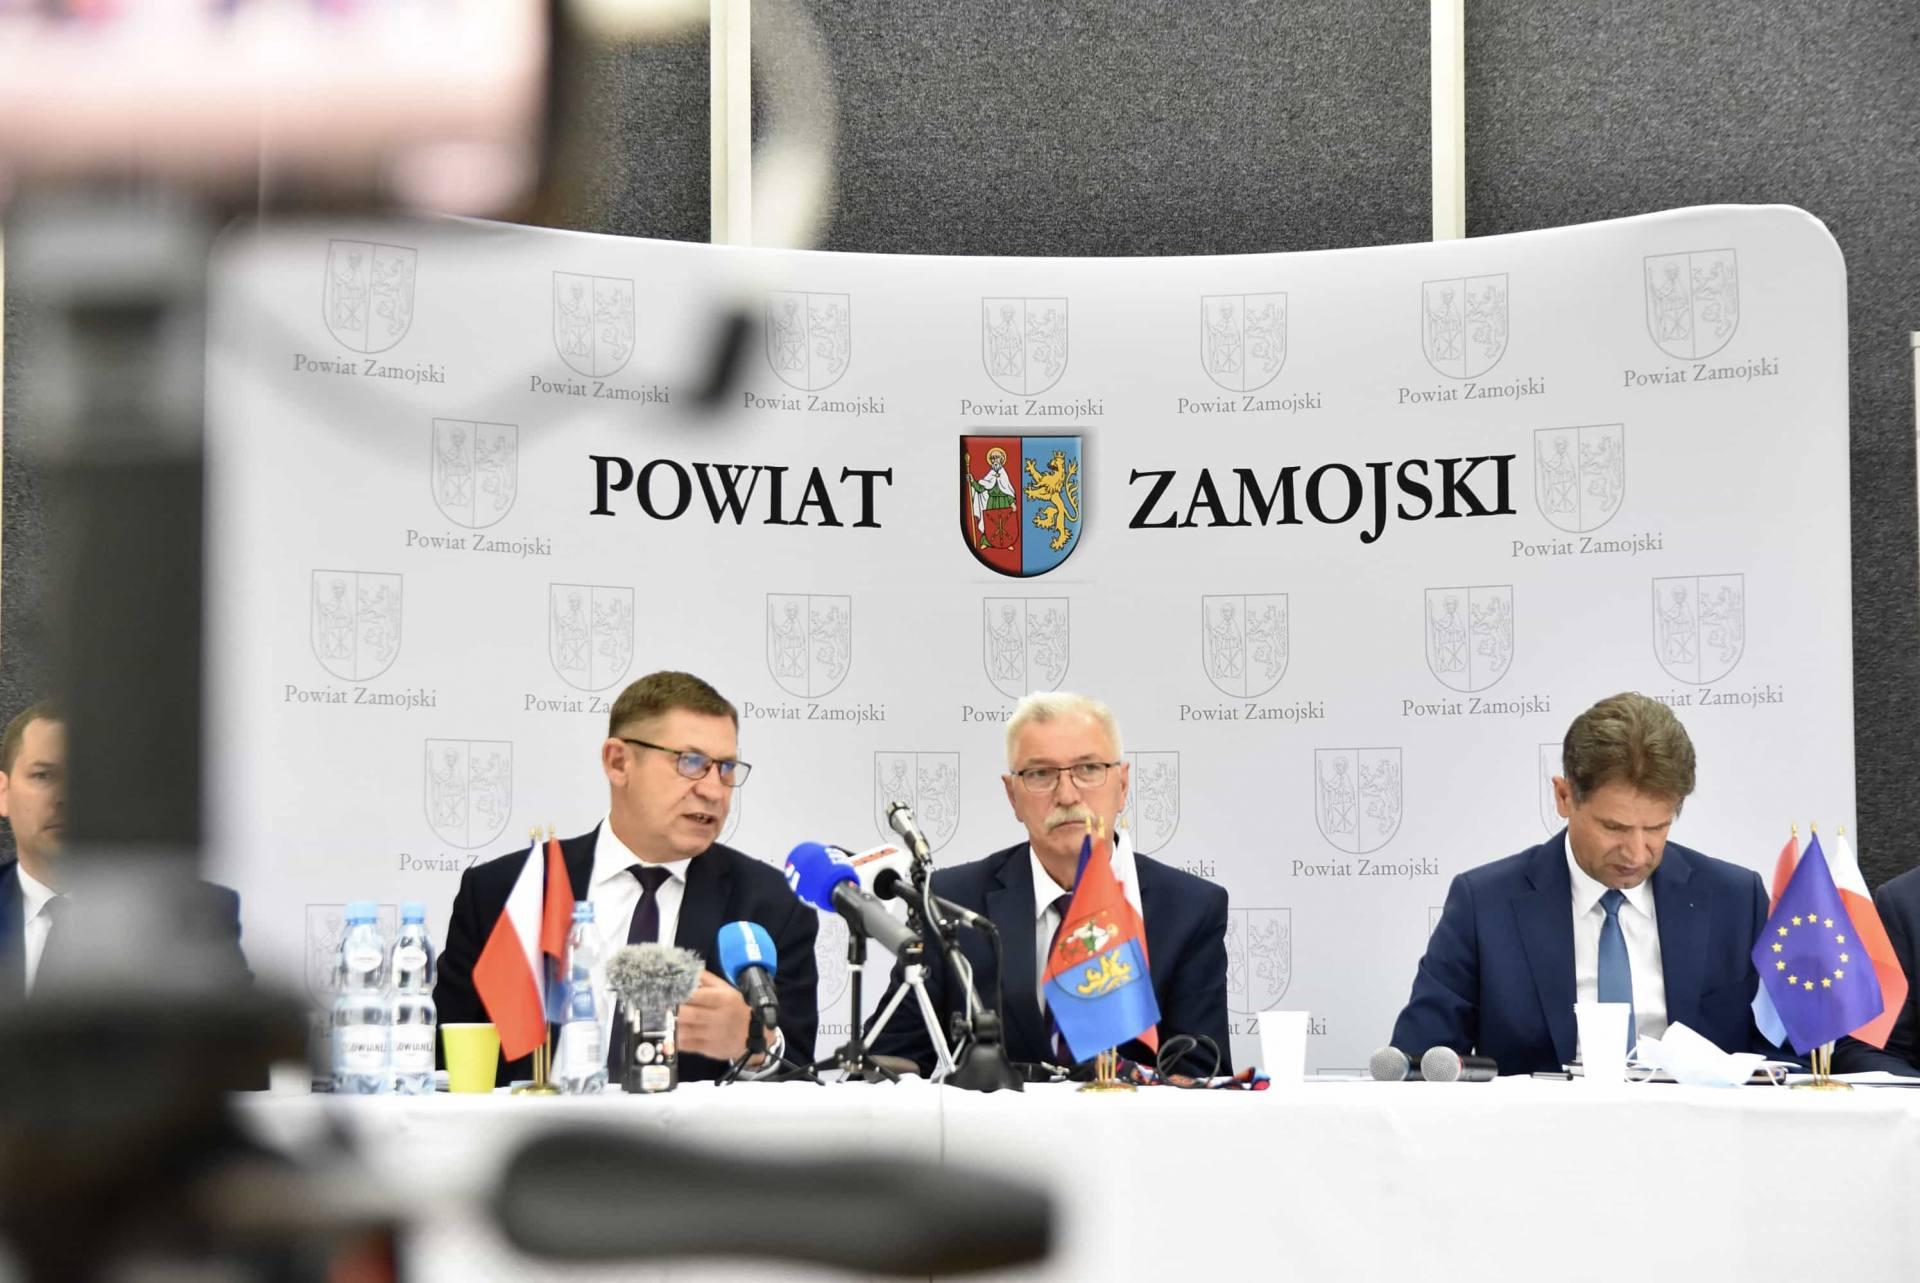 dsc 6033 Półmetek kadencji władz powiatu zamojskiego. Relacja z konferencji prasowej [FILM]